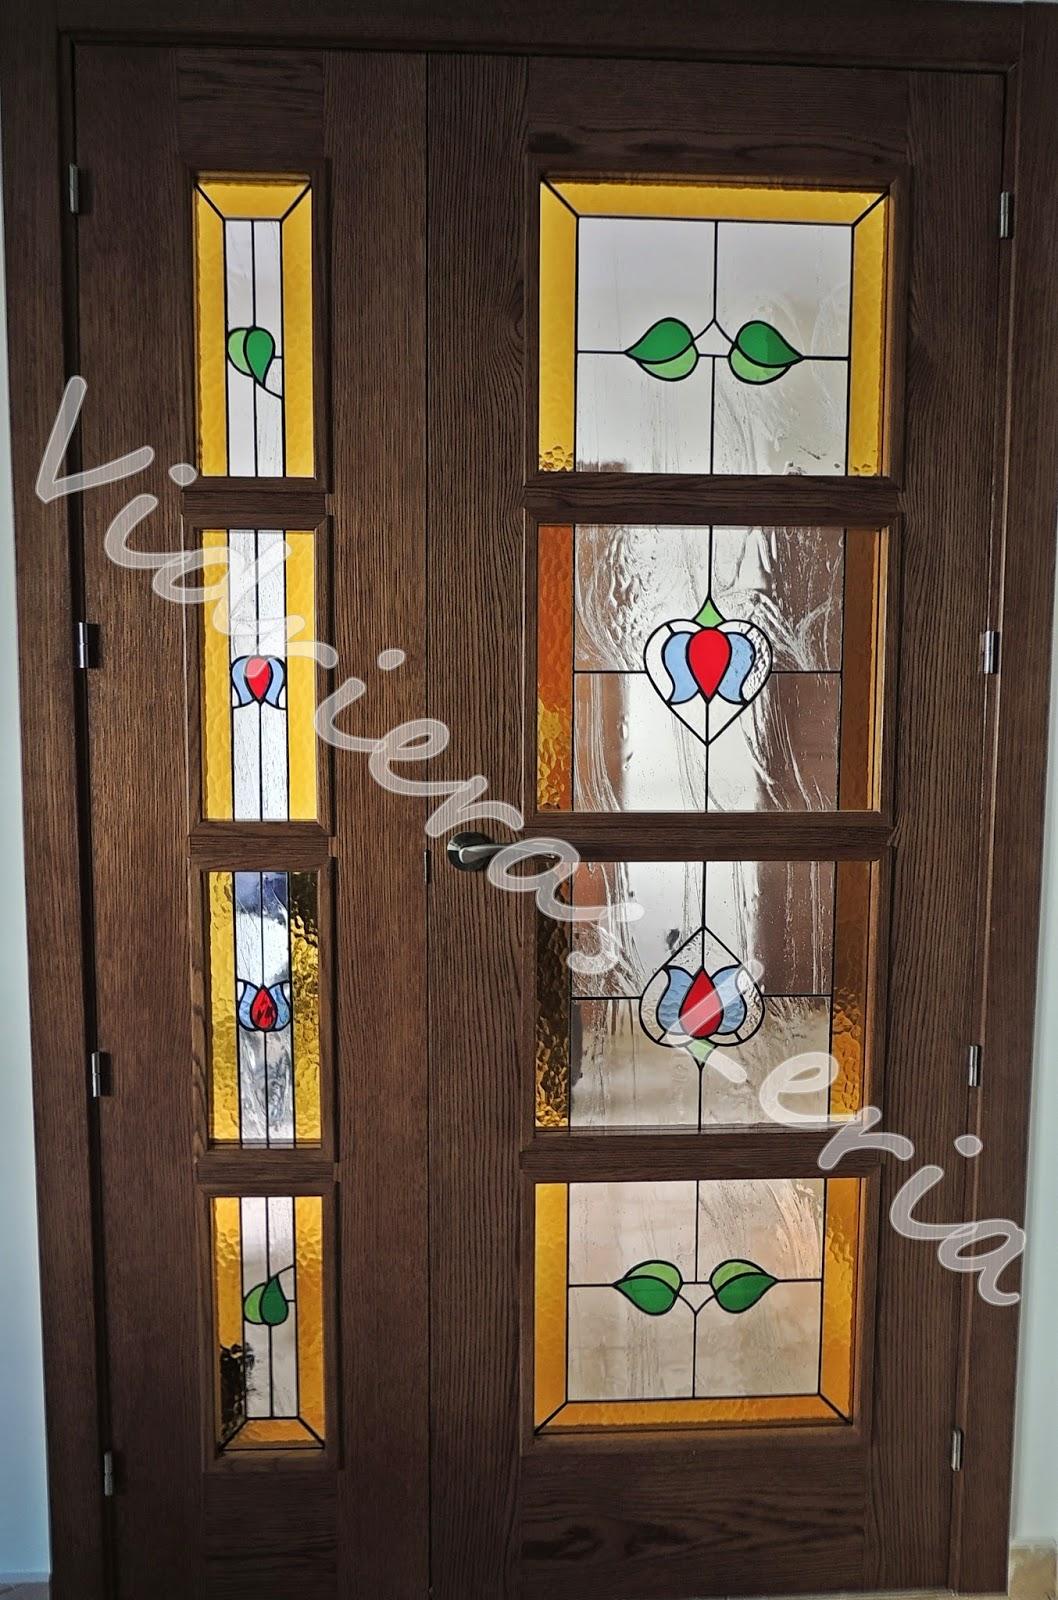 Vidrieras artesanas leria vidrieras tiffany puertas - Vidrieras para puertas ...